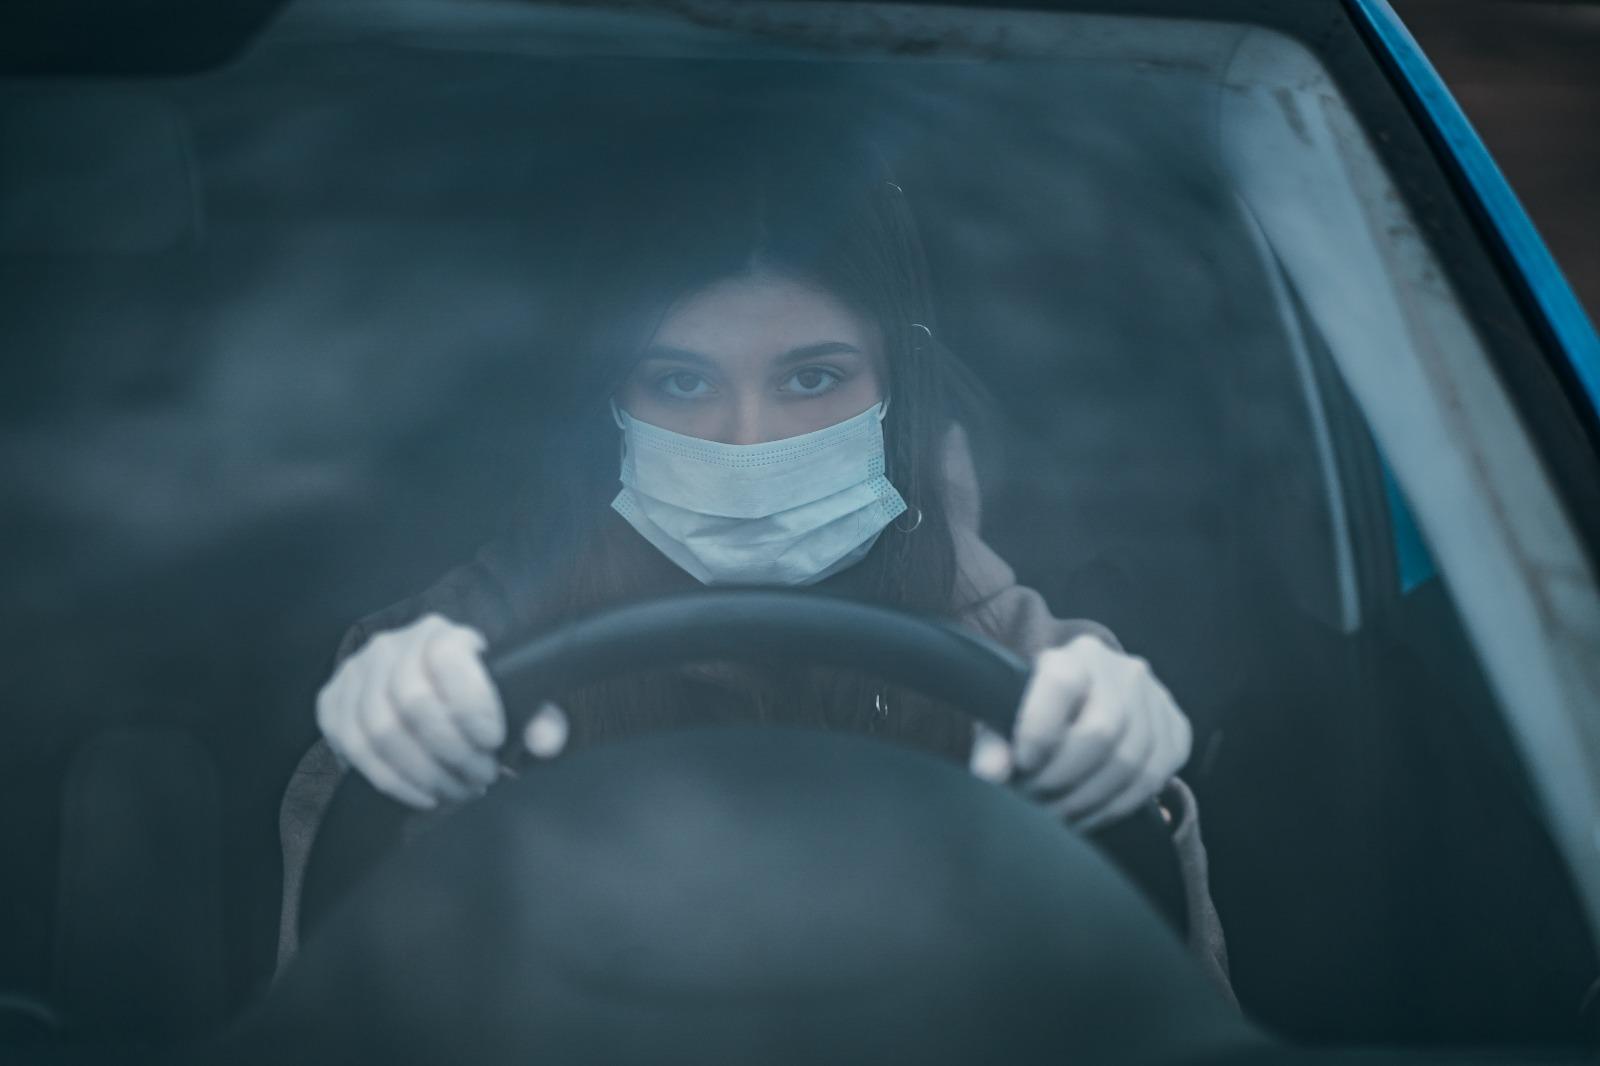 conducir durante la cuarentena